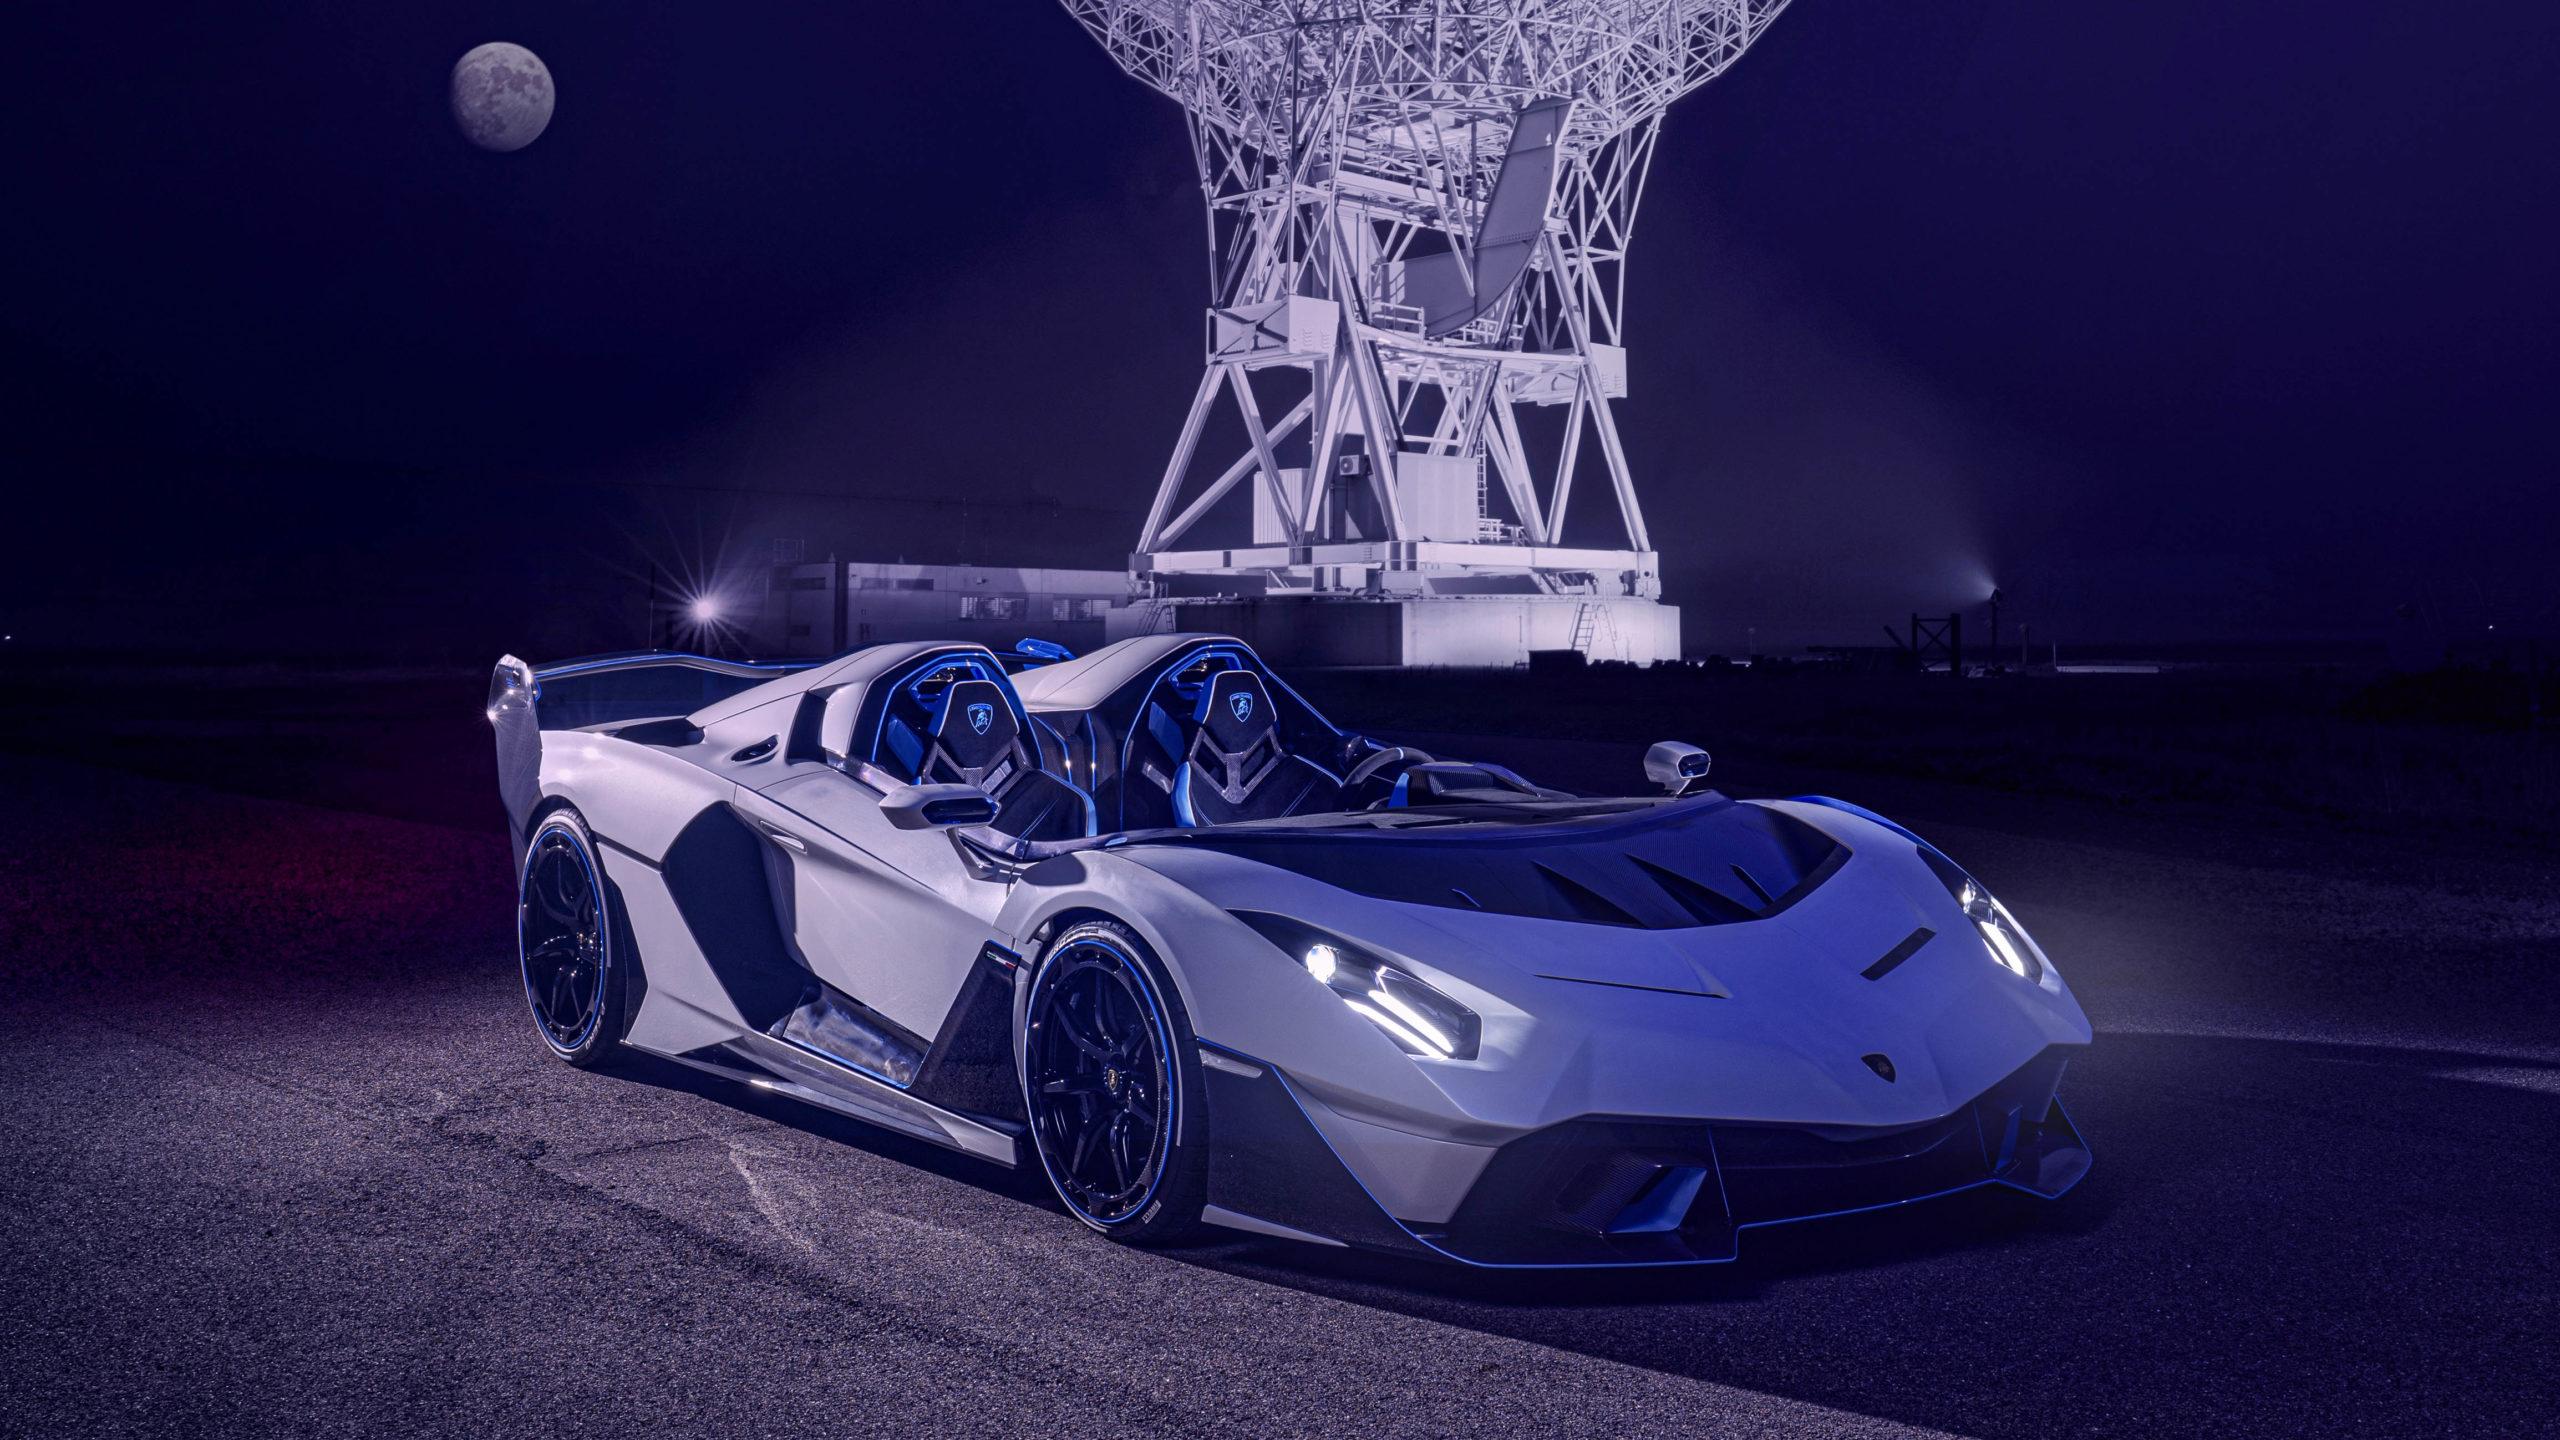 SC20, the new Lamborghini Squadra Corse one-off